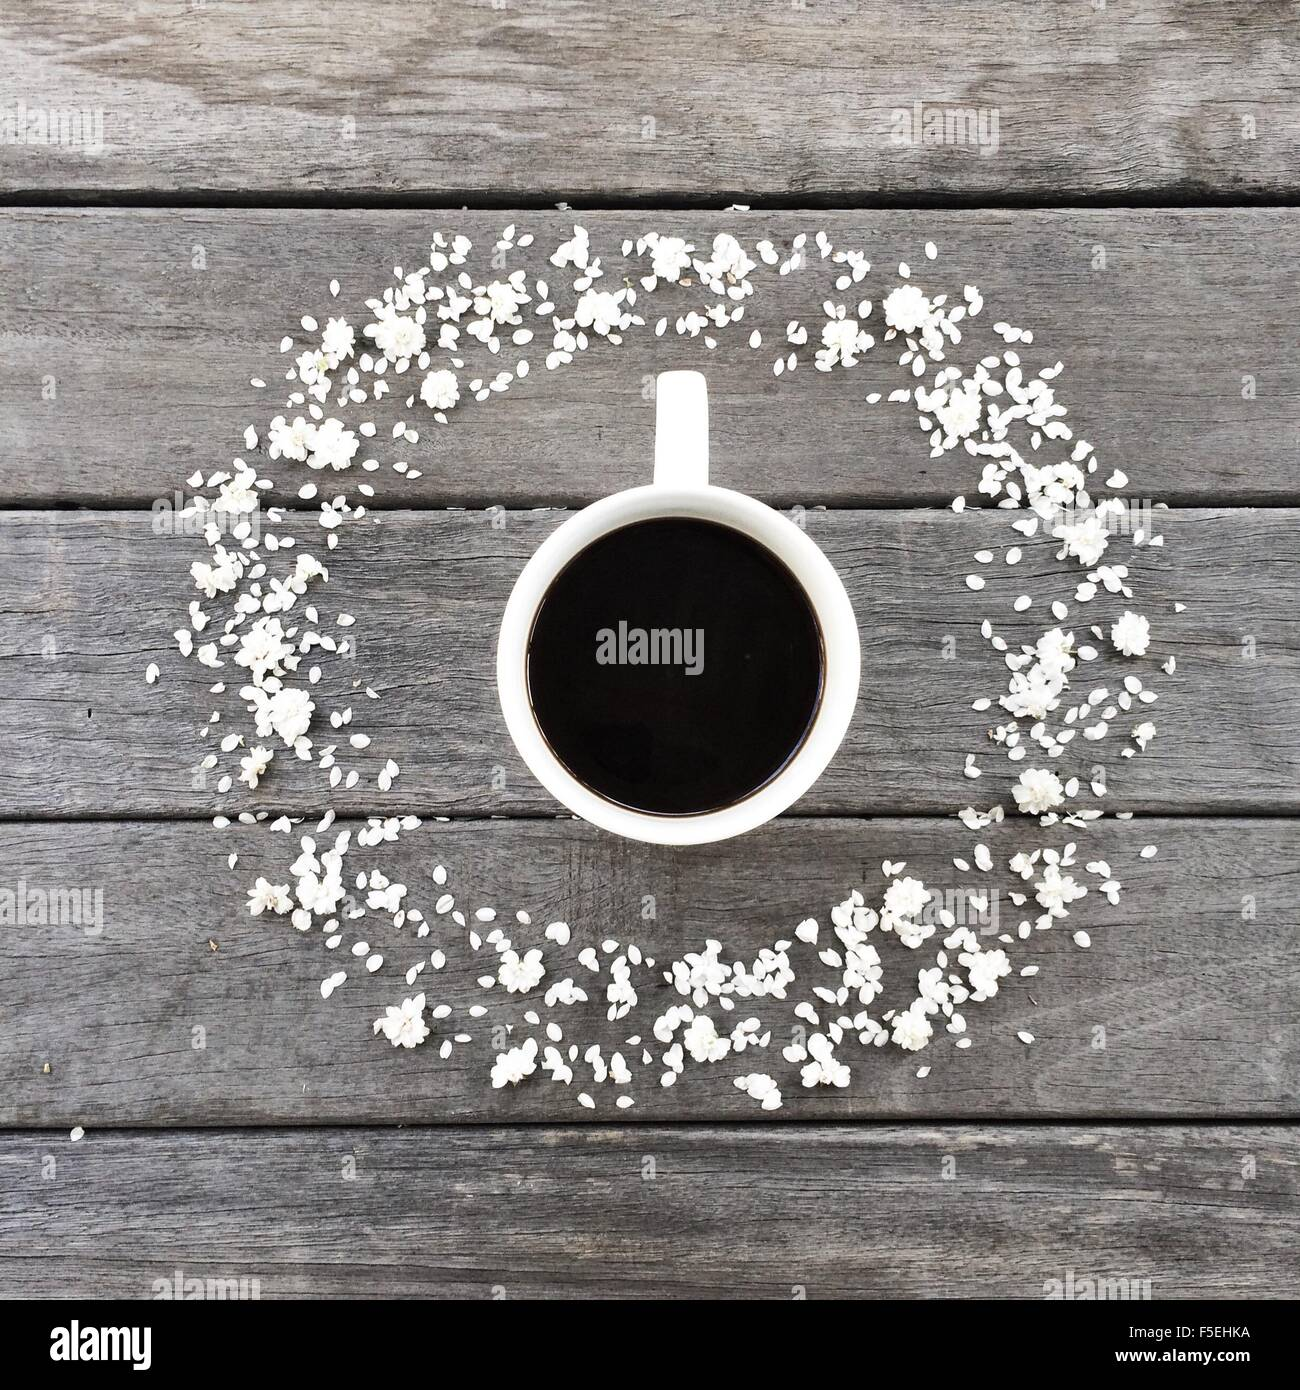 Becher Kaffee, umgeben von einem Kreis von weißen Blütenblättern Stockbild